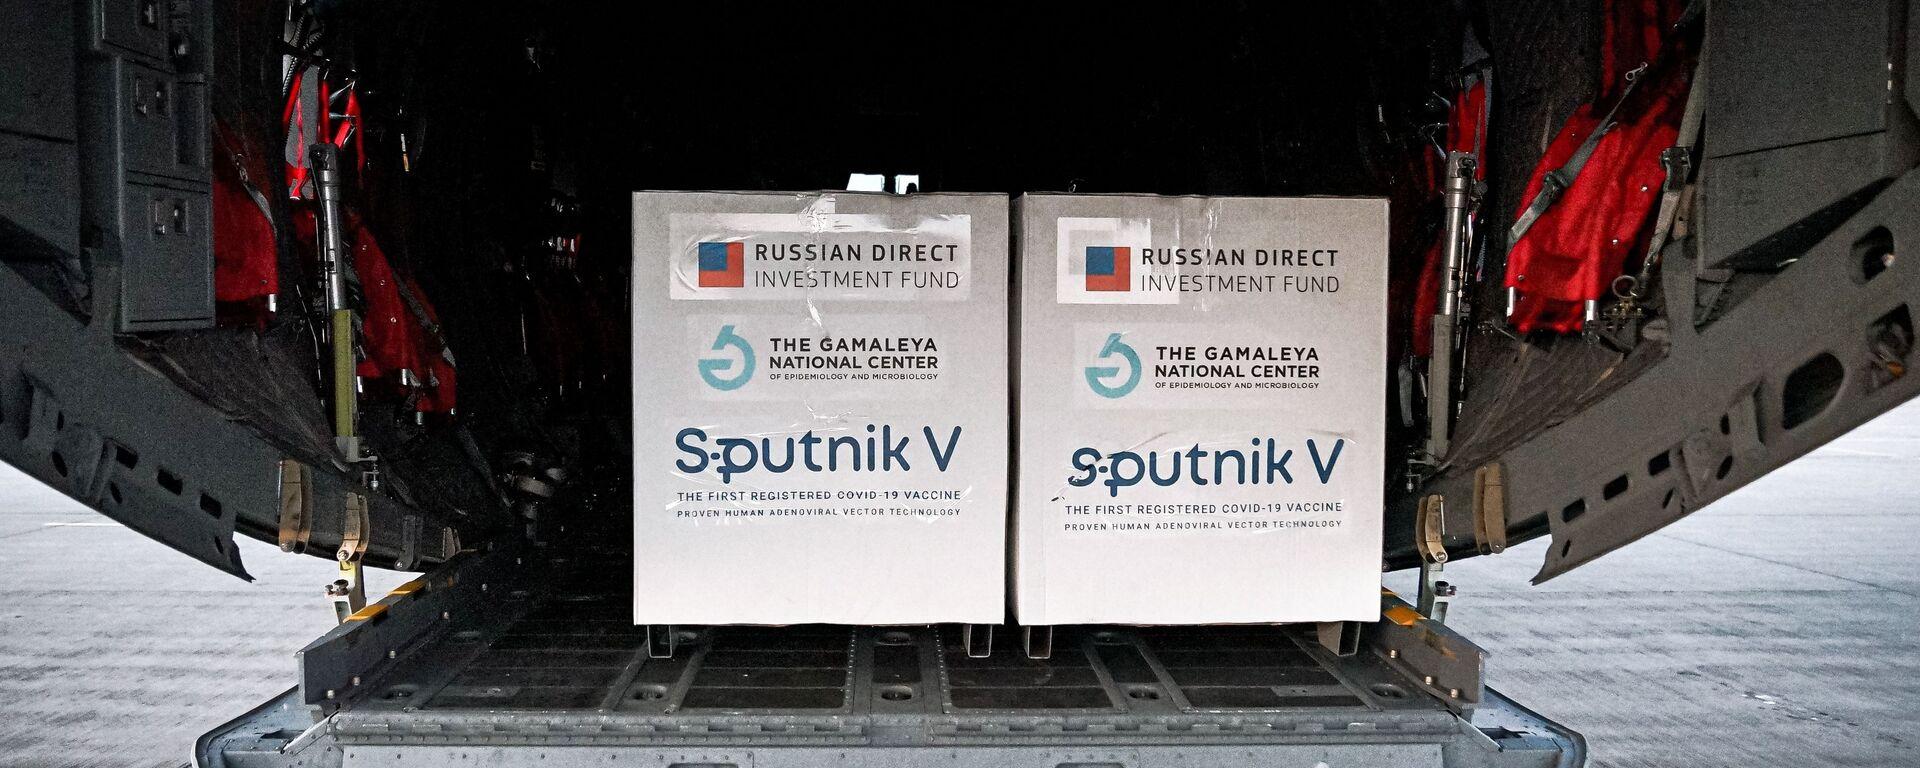 Dodávka ruské vakcíny Sputnik V na Slovensko - Sputnik Česká republika, 1920, 20.05.2021